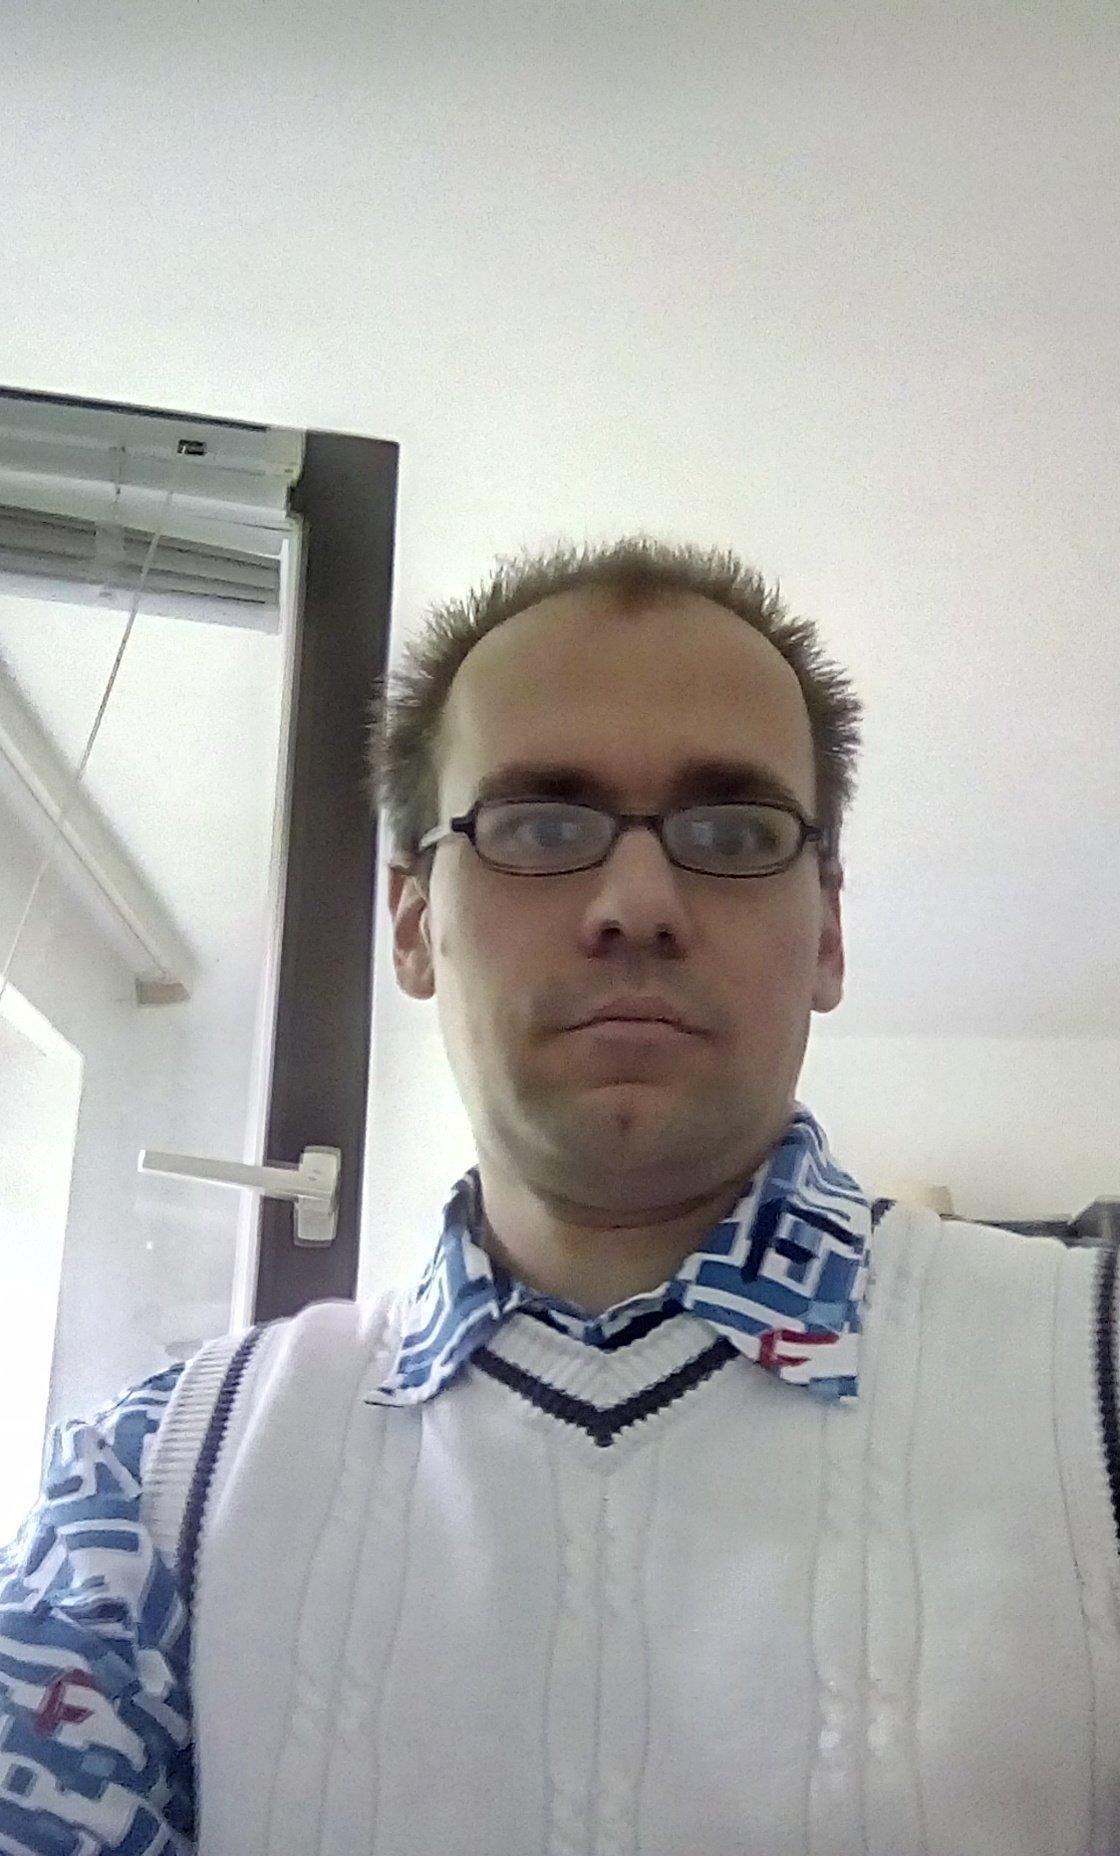 Freestyler000 aus Bayern,Deutschland